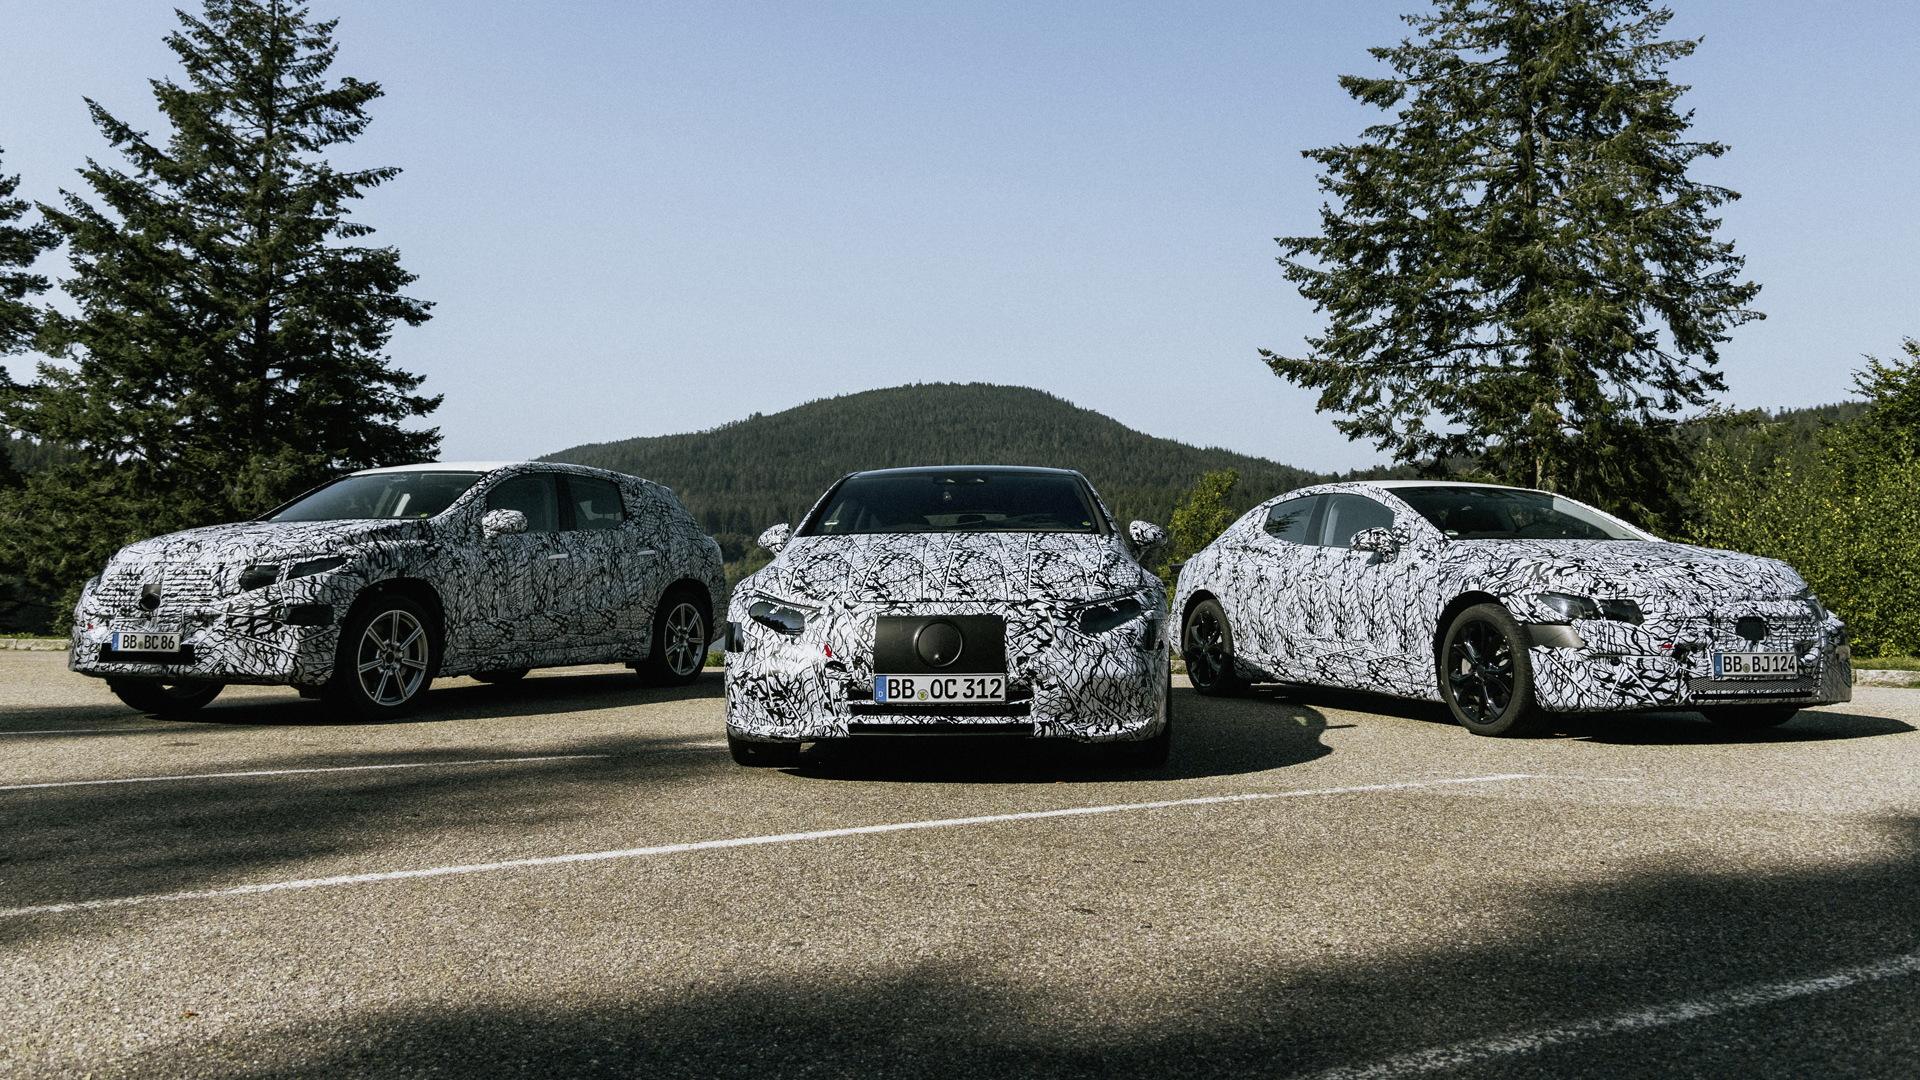 Prototypes for Mercedes-Benz EVs based on EVA platform